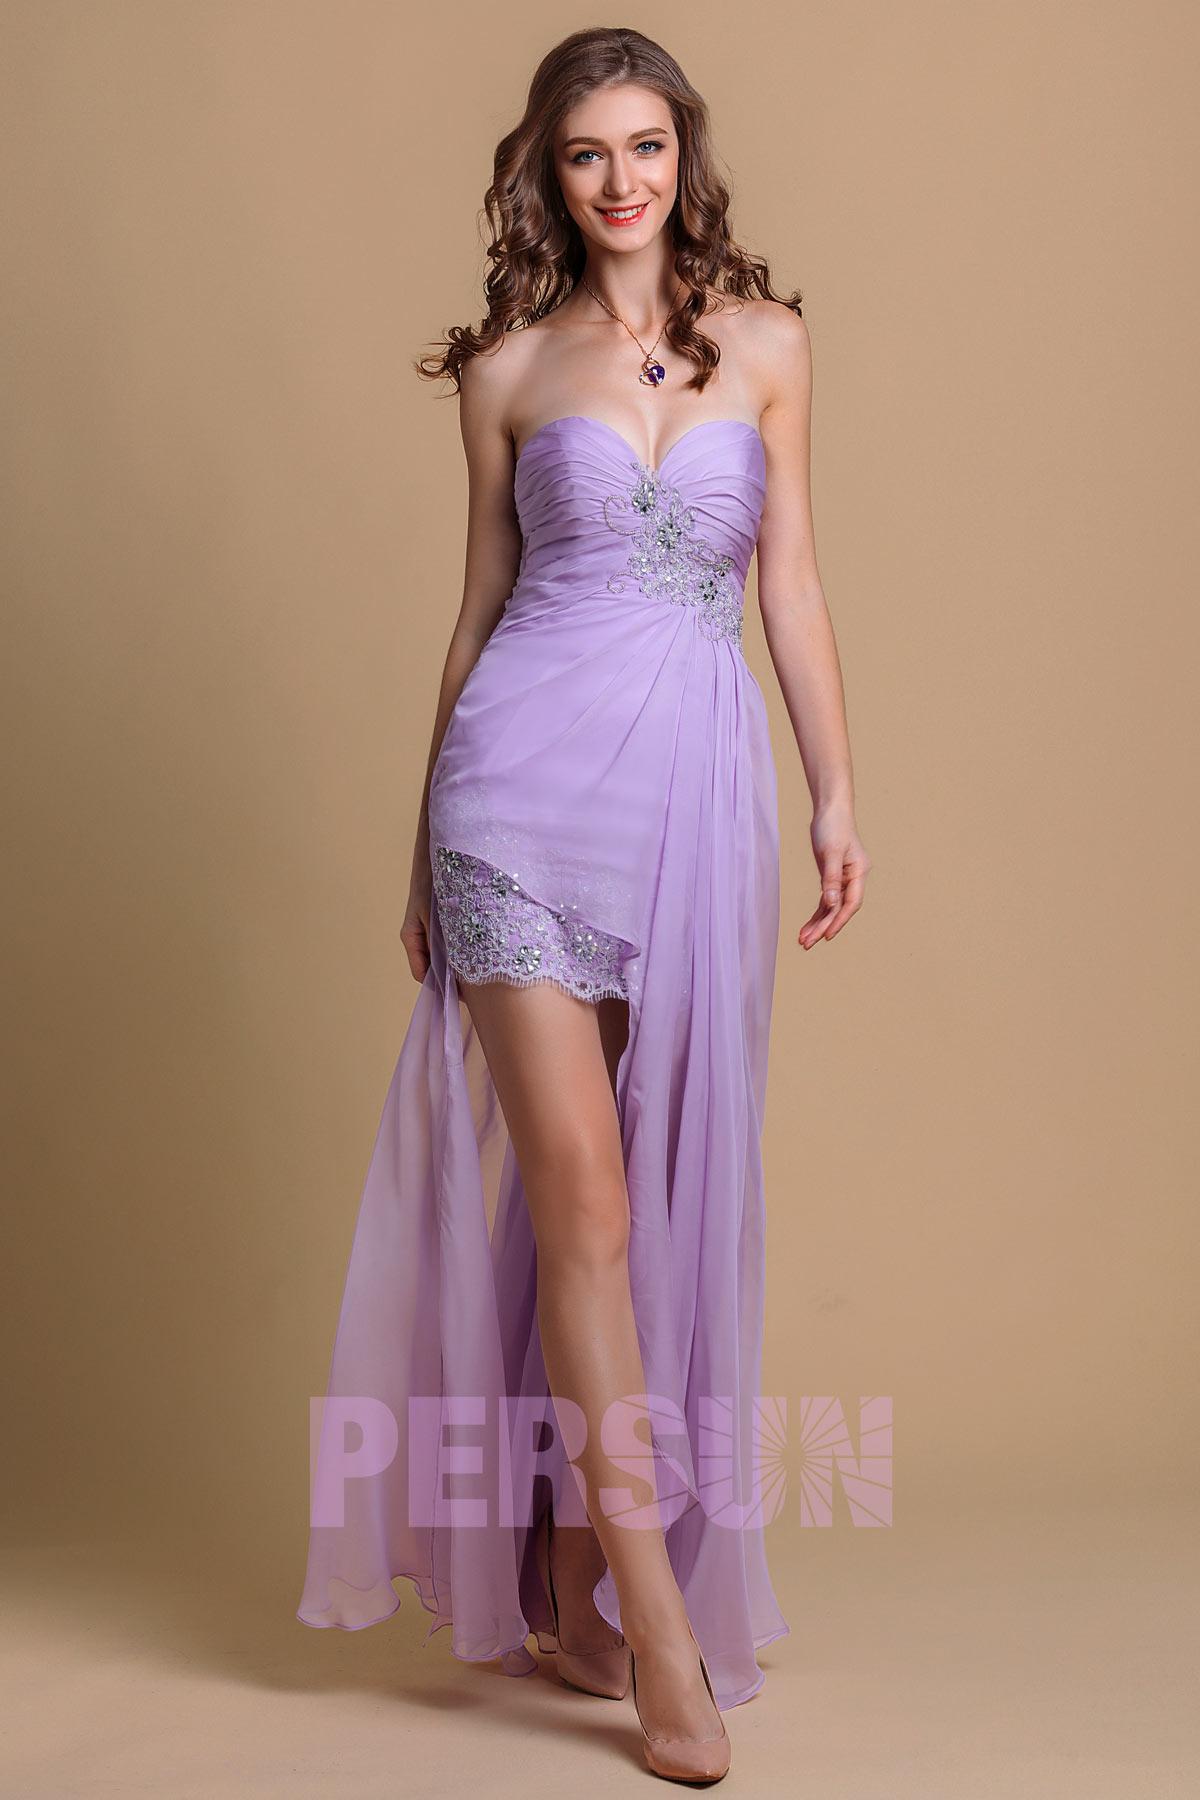 664873893b5 Robe de bal bustier en Tencel lilas courte devant longue derrière ornée de  dentelle   applique